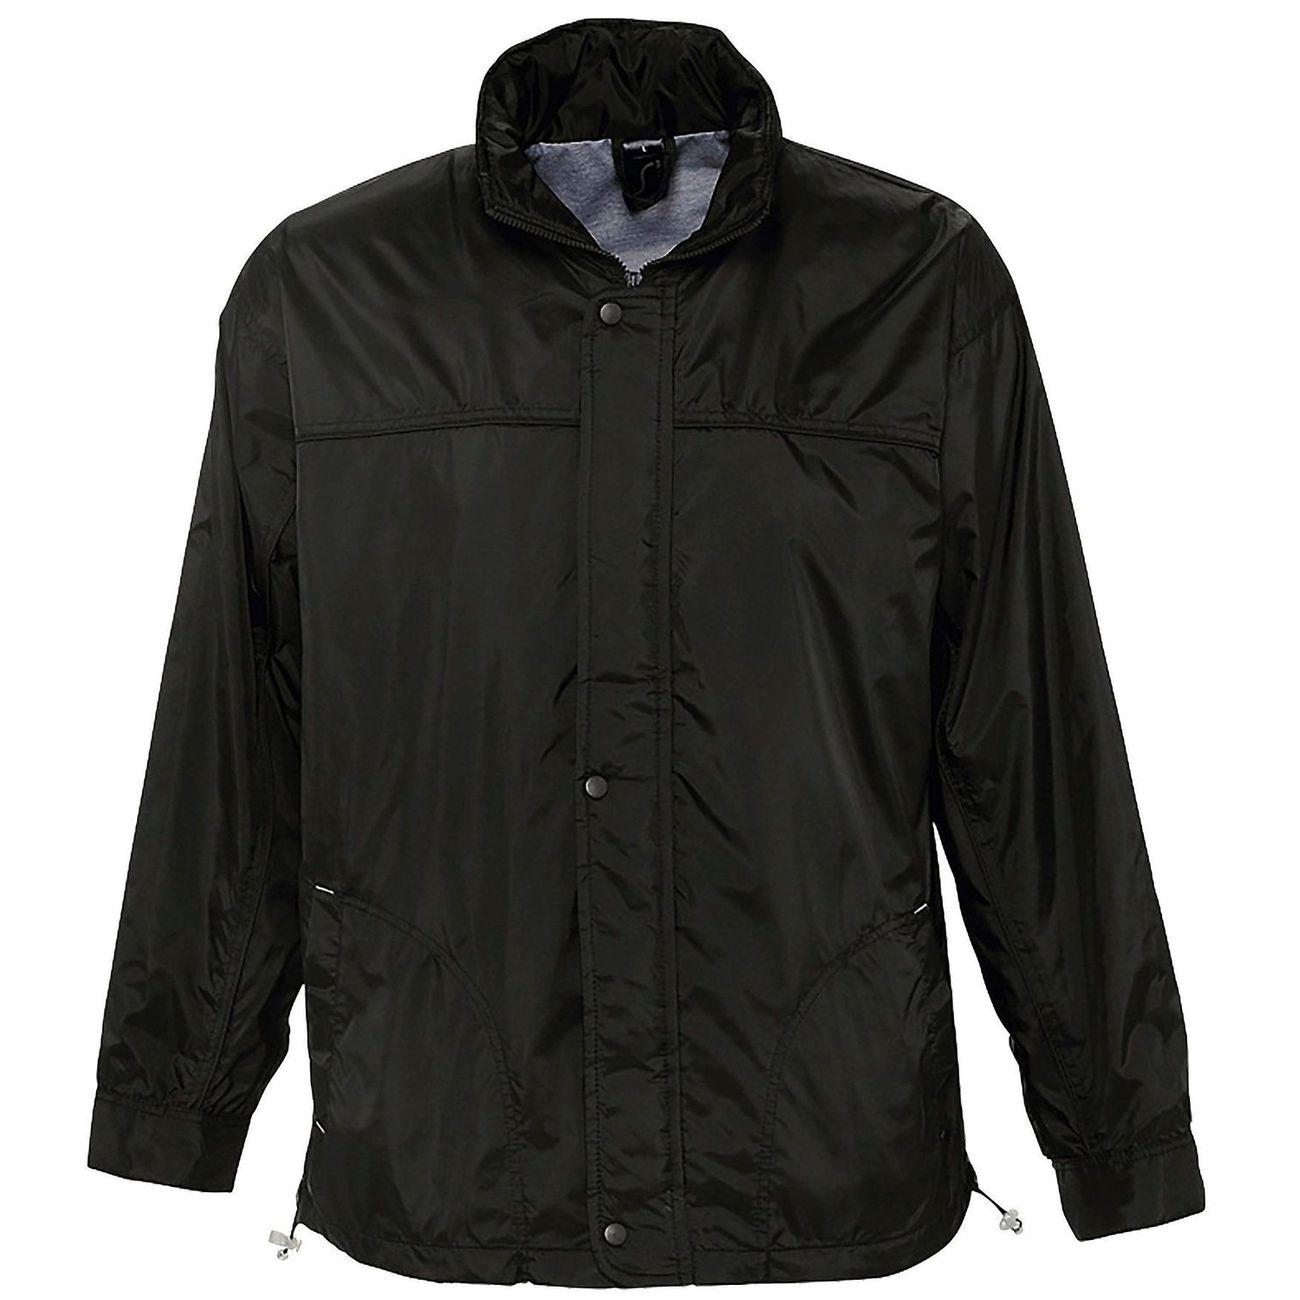 Petite randonnée homme SOL S Veste coupe-vent imperméable doublé jersey - 46000 - noir - mixte homme femme